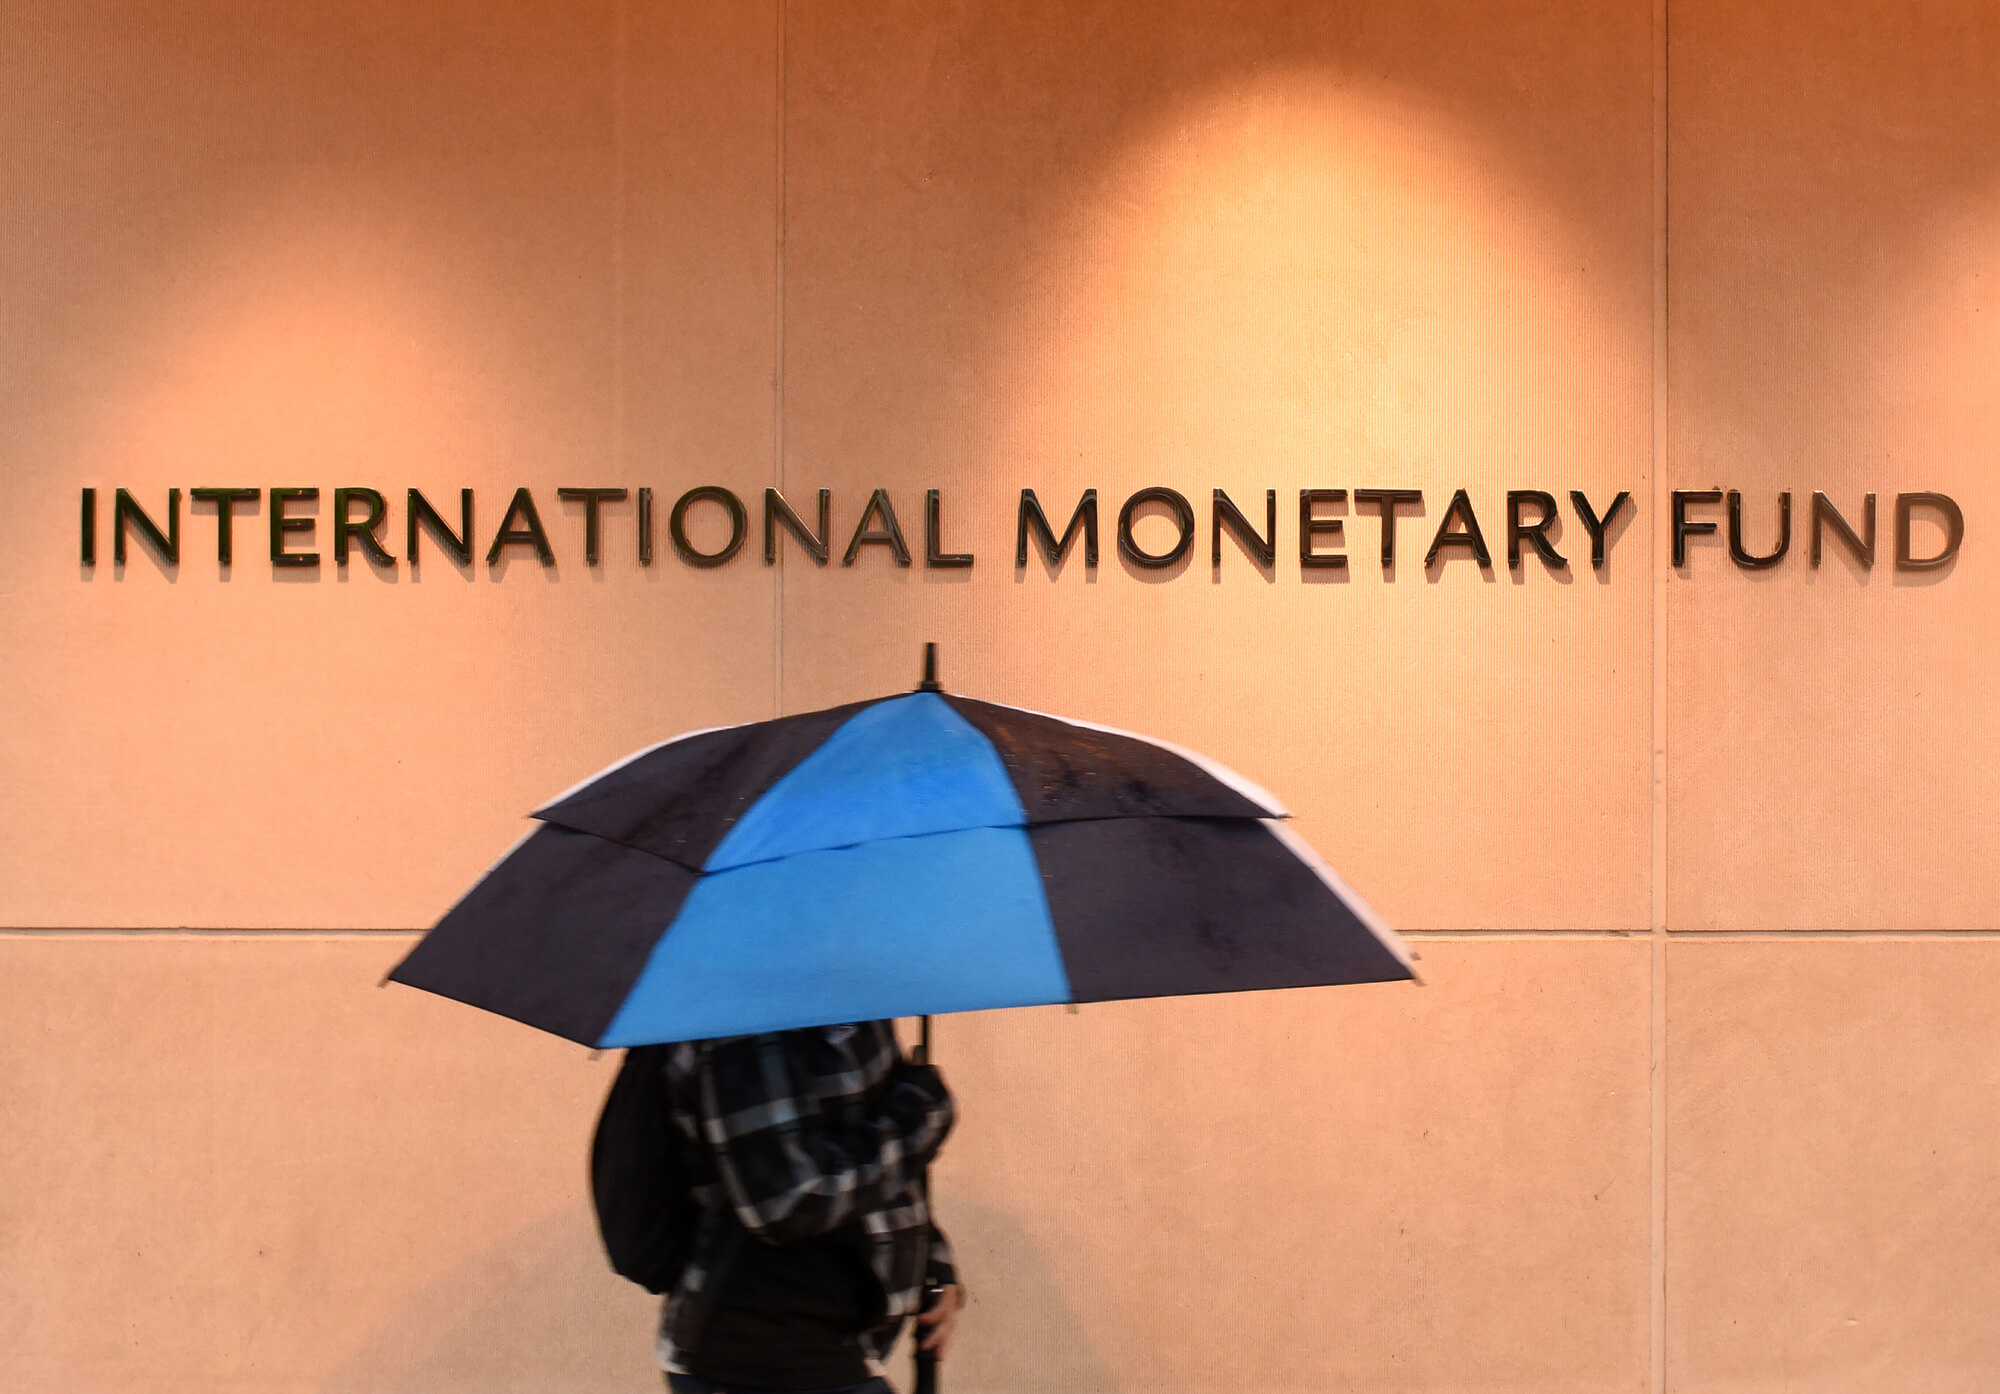 Міжнародний Валютний Фонд: корпорація зла чи порятунок економіки в умовах кризи?